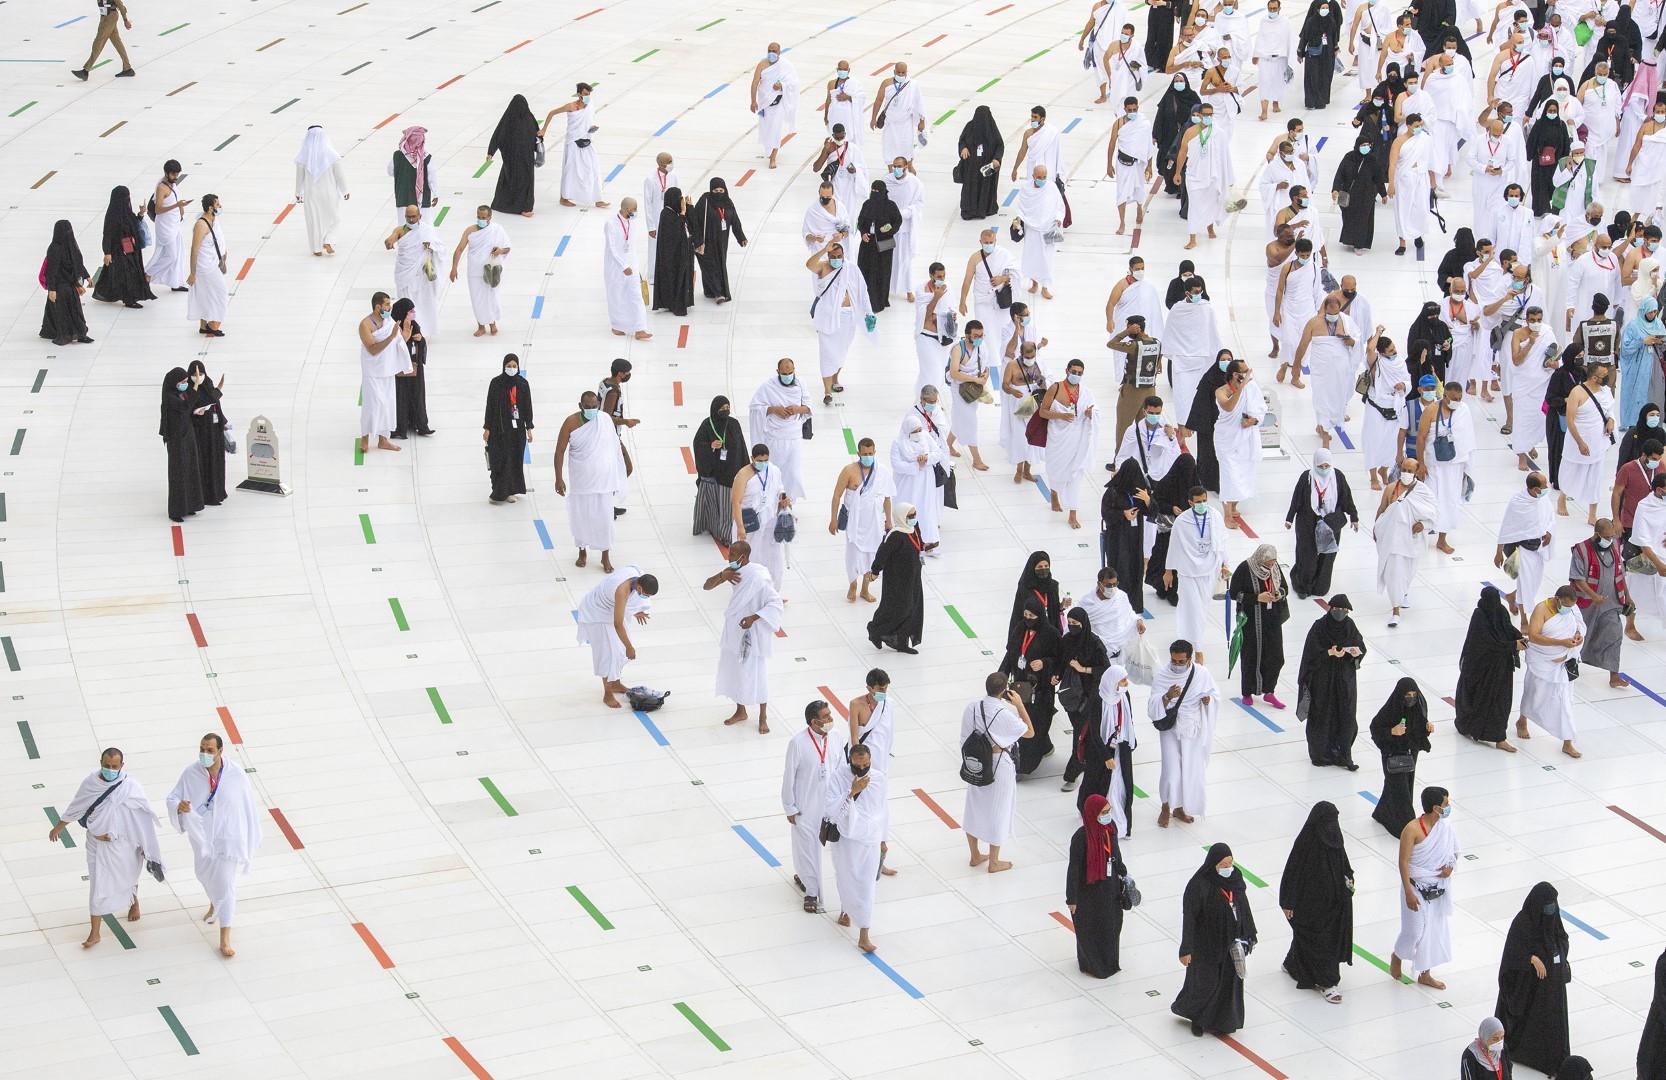 بيت الله الحرام يؤدون طواف الإفاضة وسط إجراءات احترازية مكثفة (large) (4)